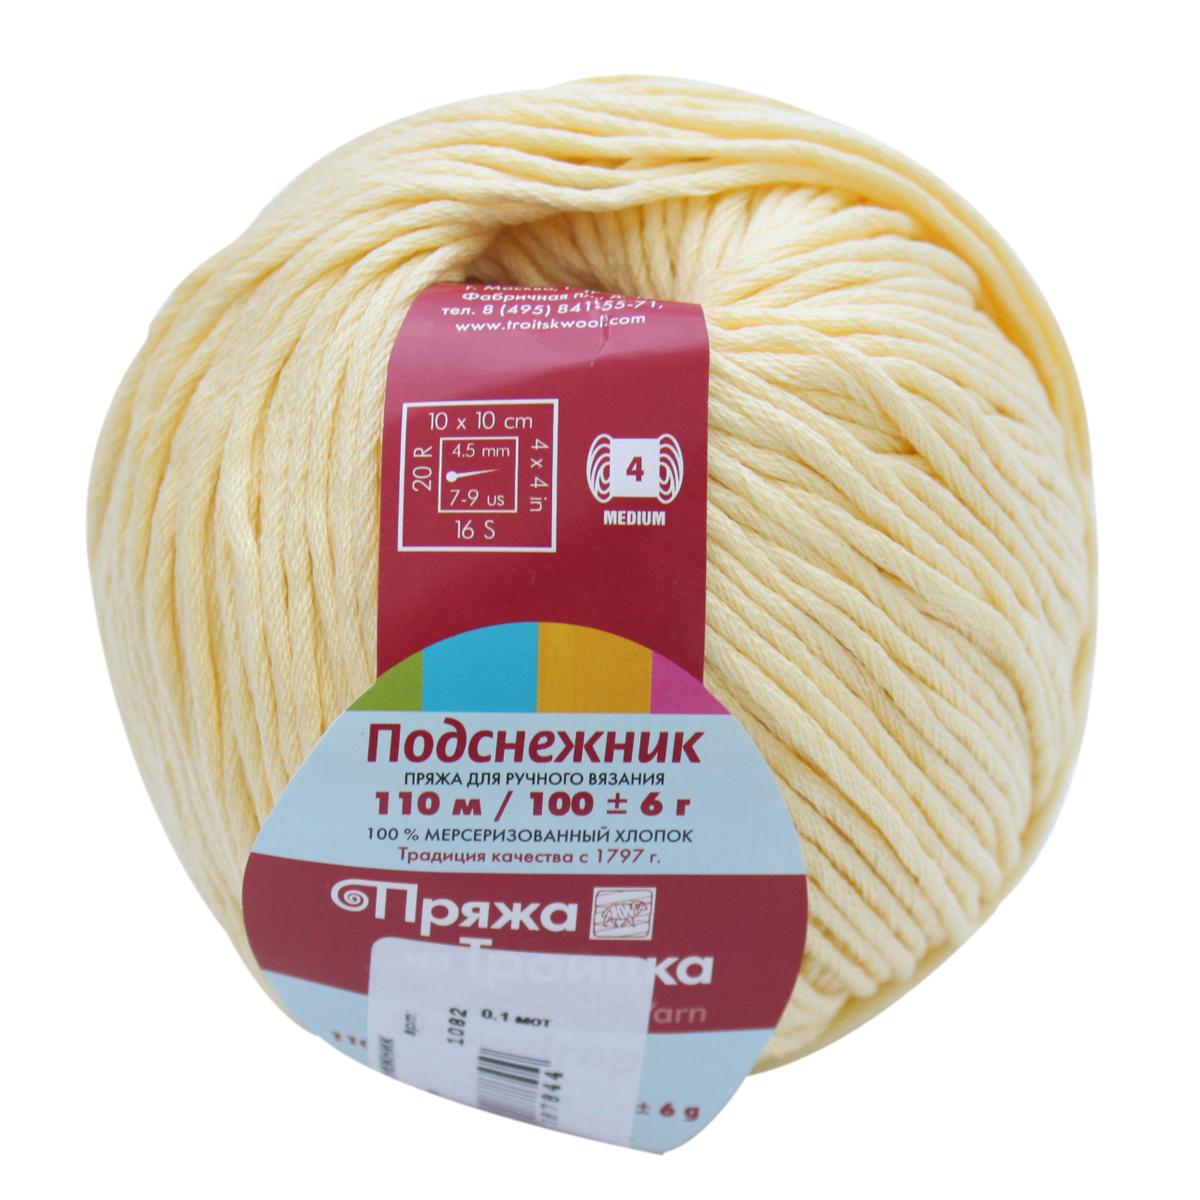 Пряжа для вязания Подснежник, 100 г, 110 м, цвет: 1082 шампанское, 10 шт366132_1082